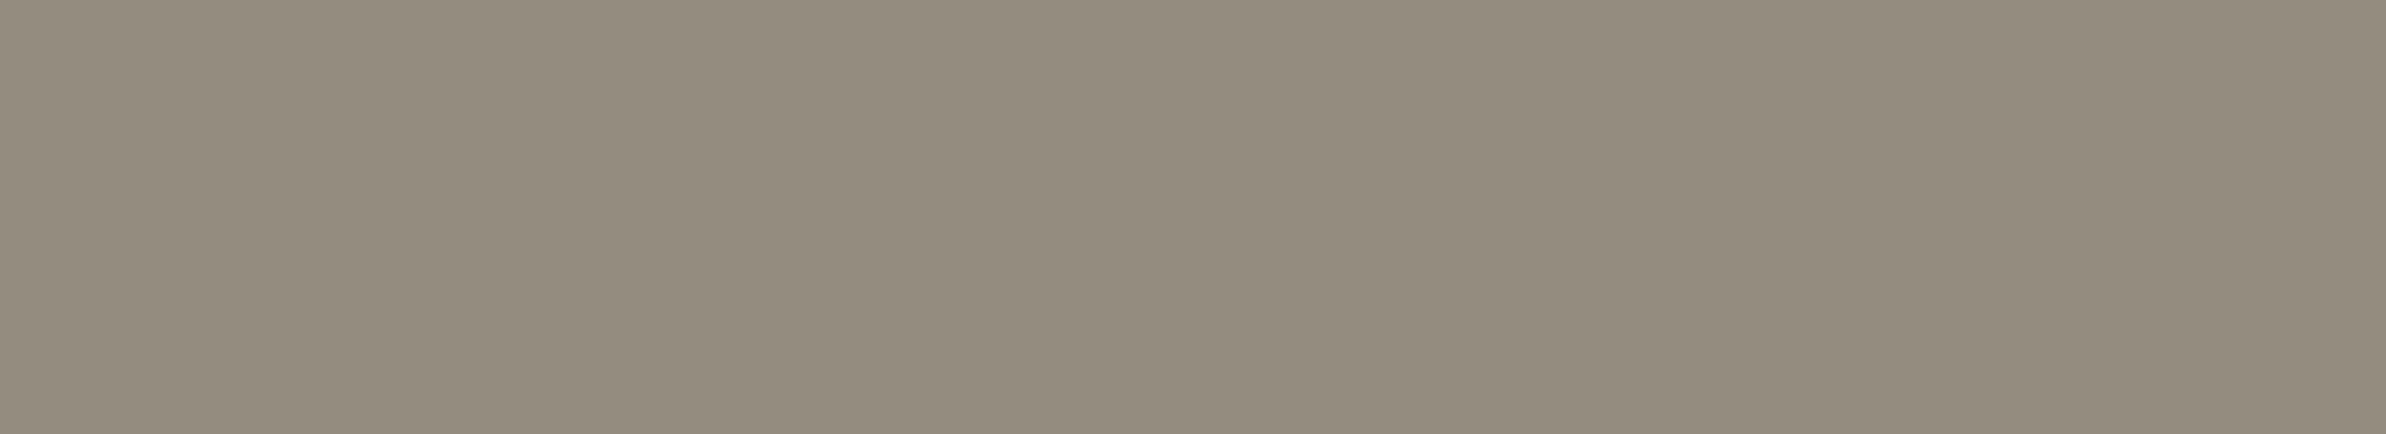 #24 @ 5% - Grey